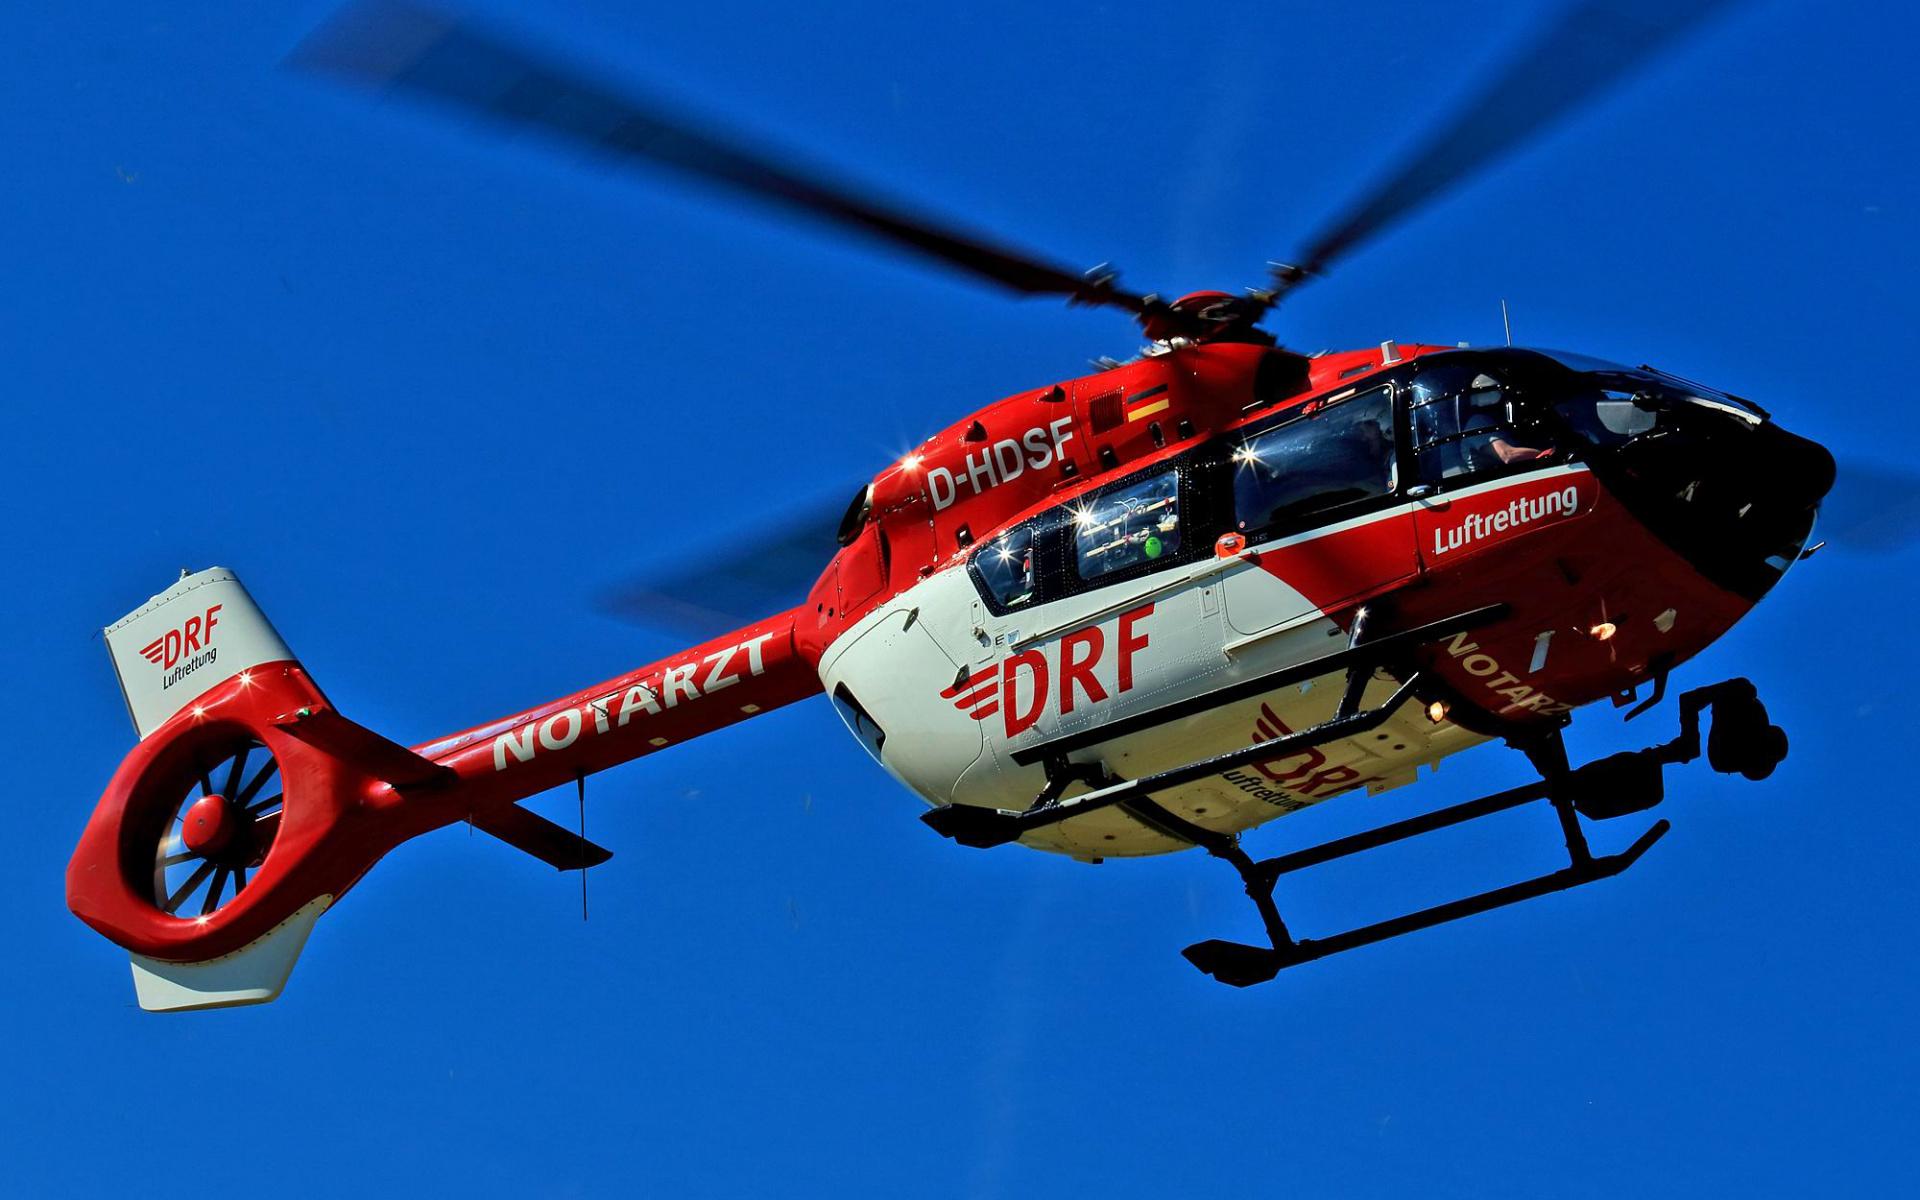 Insgesamt drei Hubschrauber waren im Einsatz, darunter auch Christoph Regensburg der DRF Luftrettung. Symbolbild.